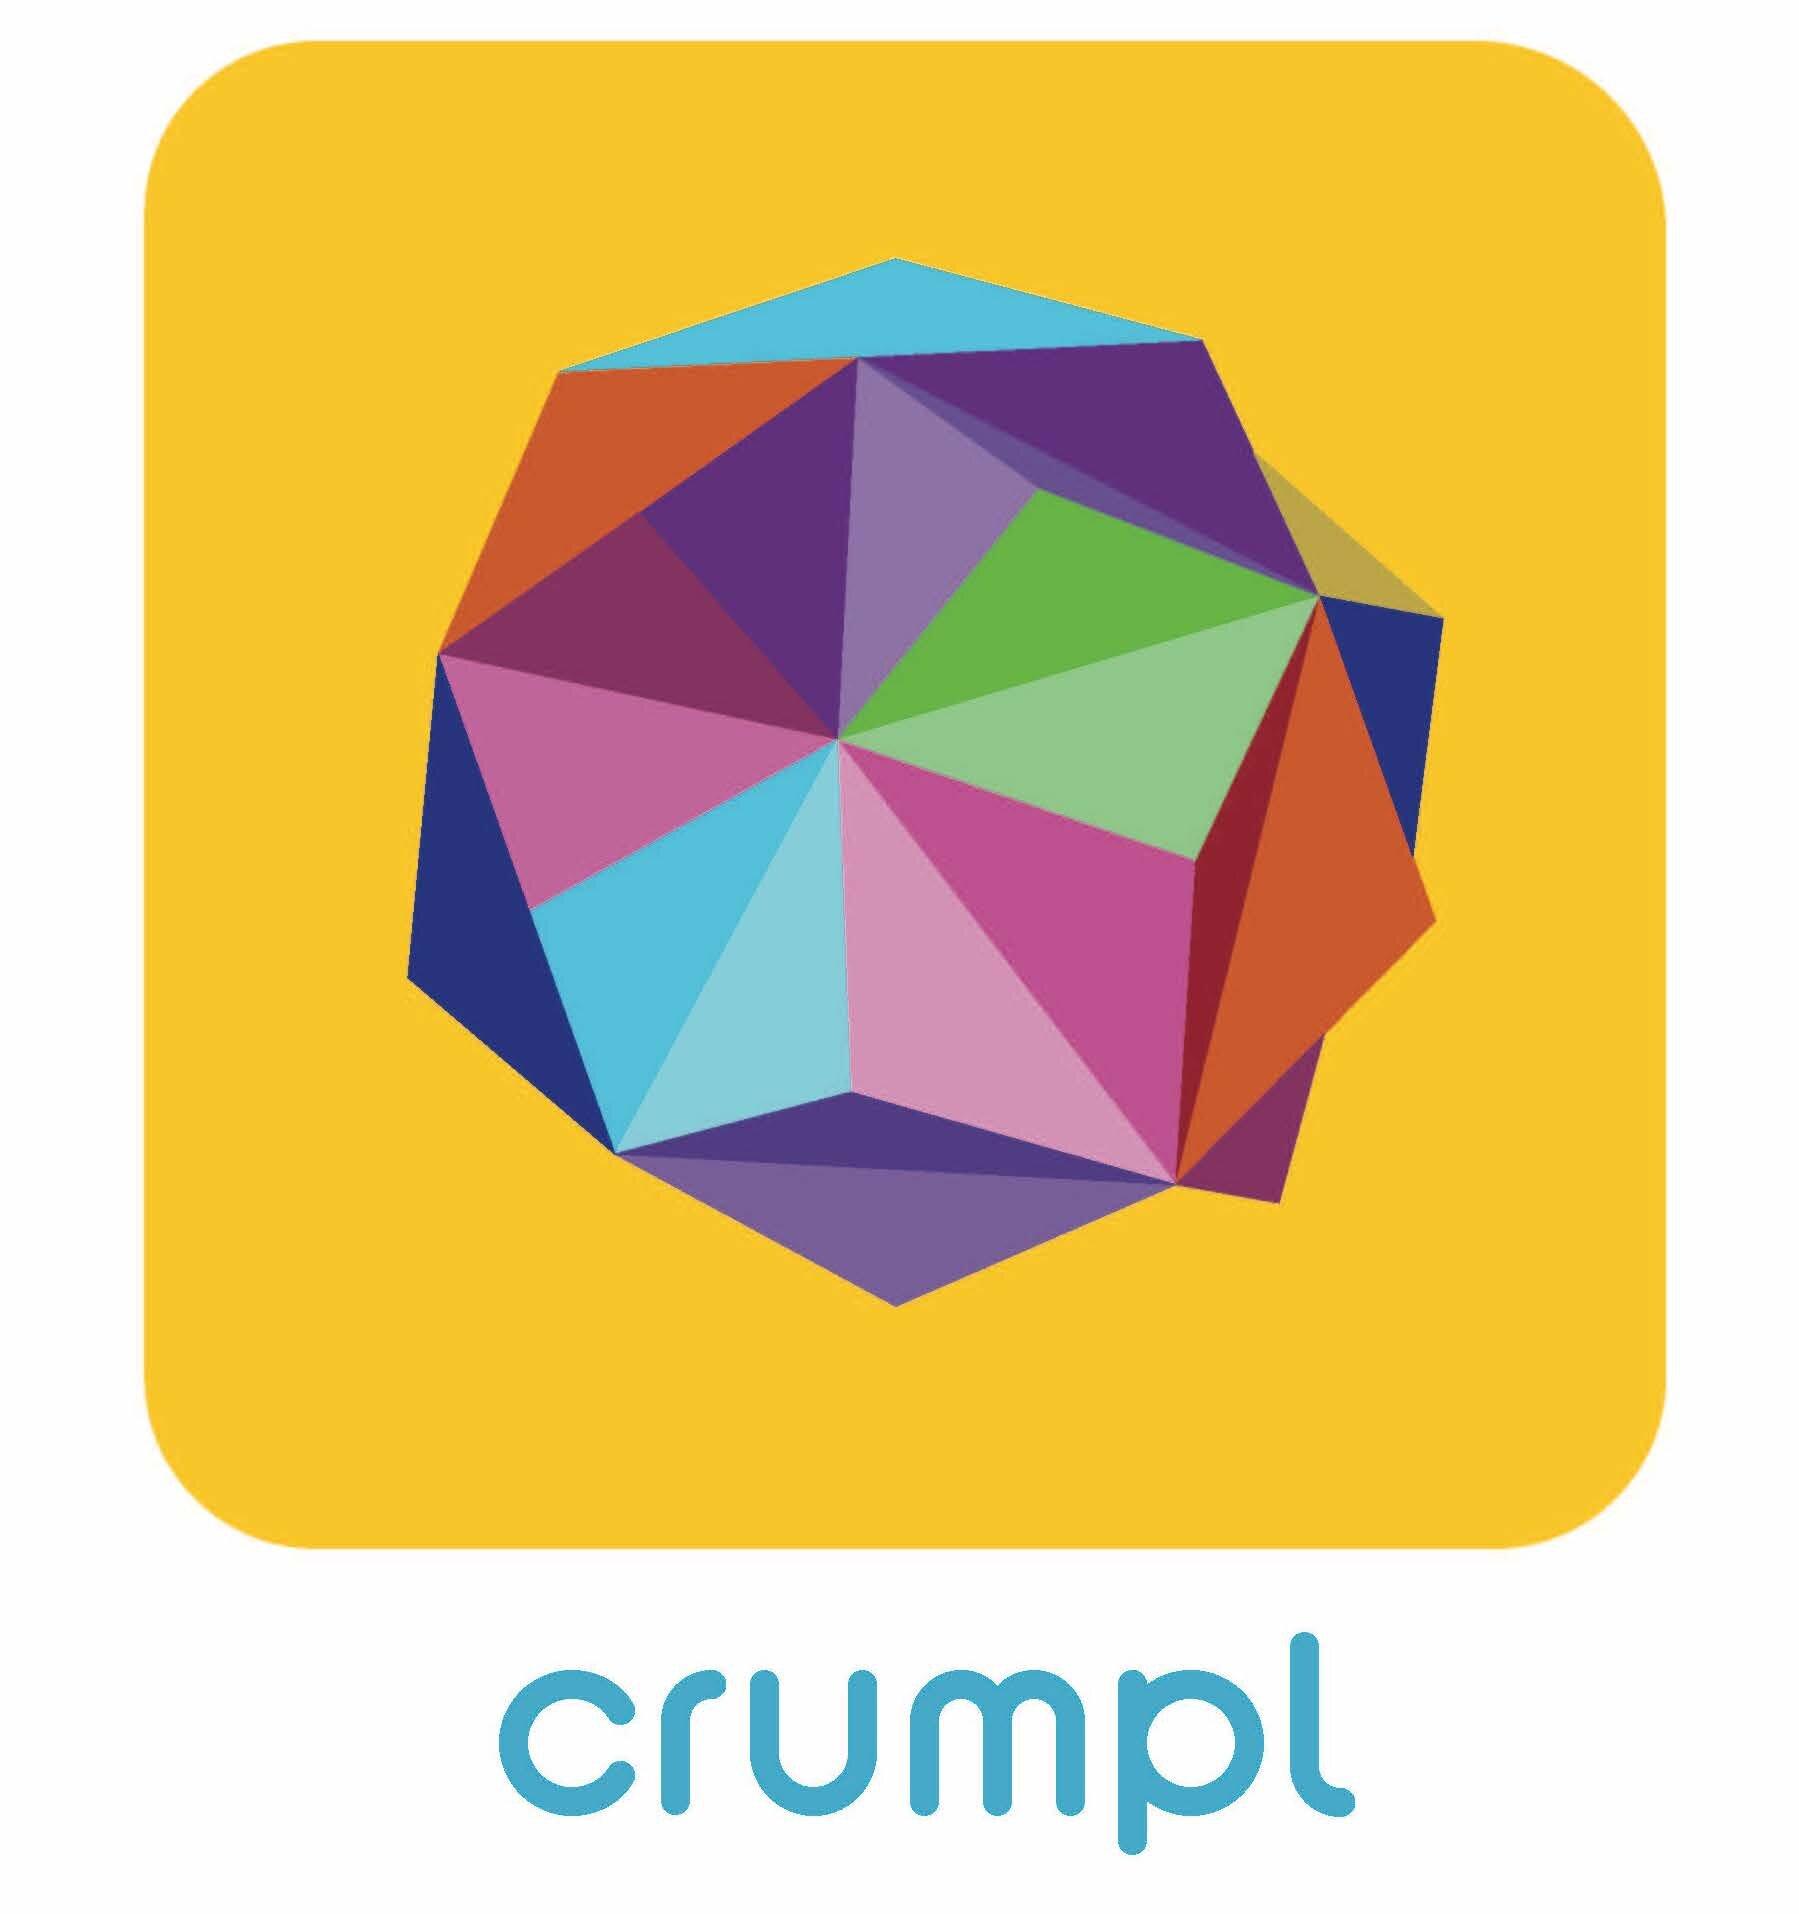 Crumpl_Logo.jpg